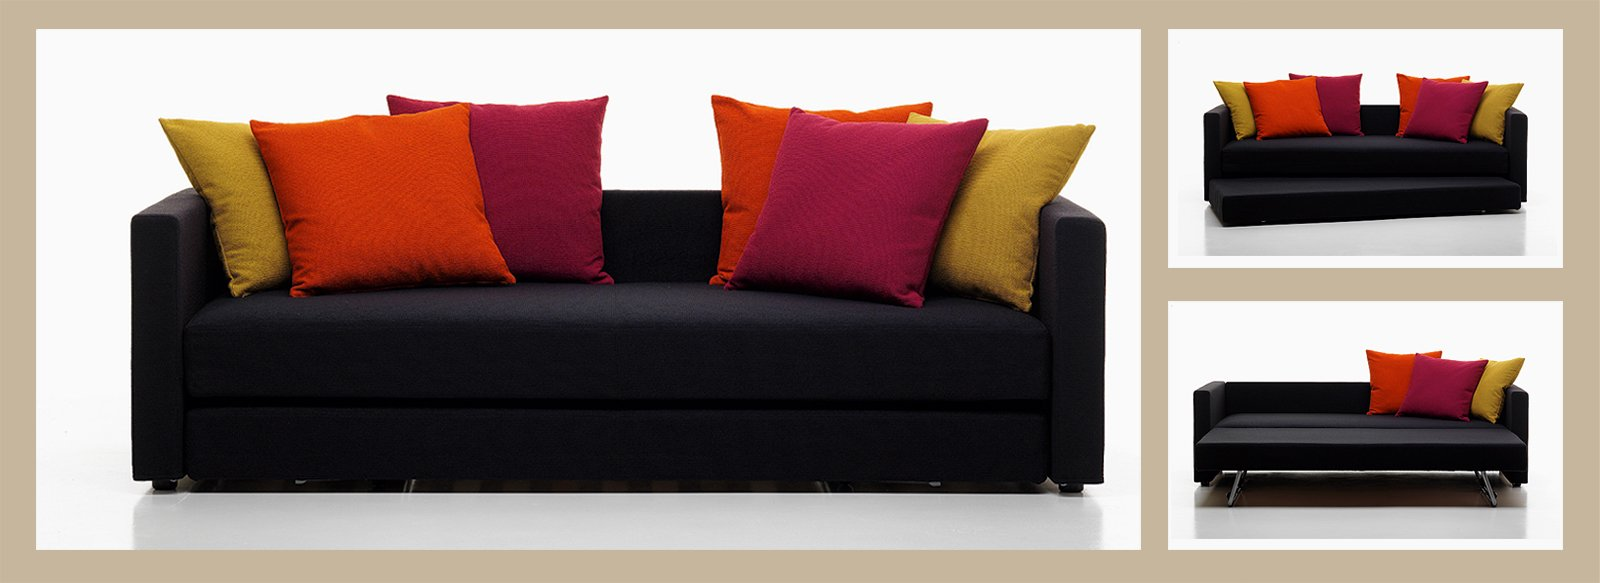 Divano grigio cuscini idee per il design della casa for Ikea cuscini letto